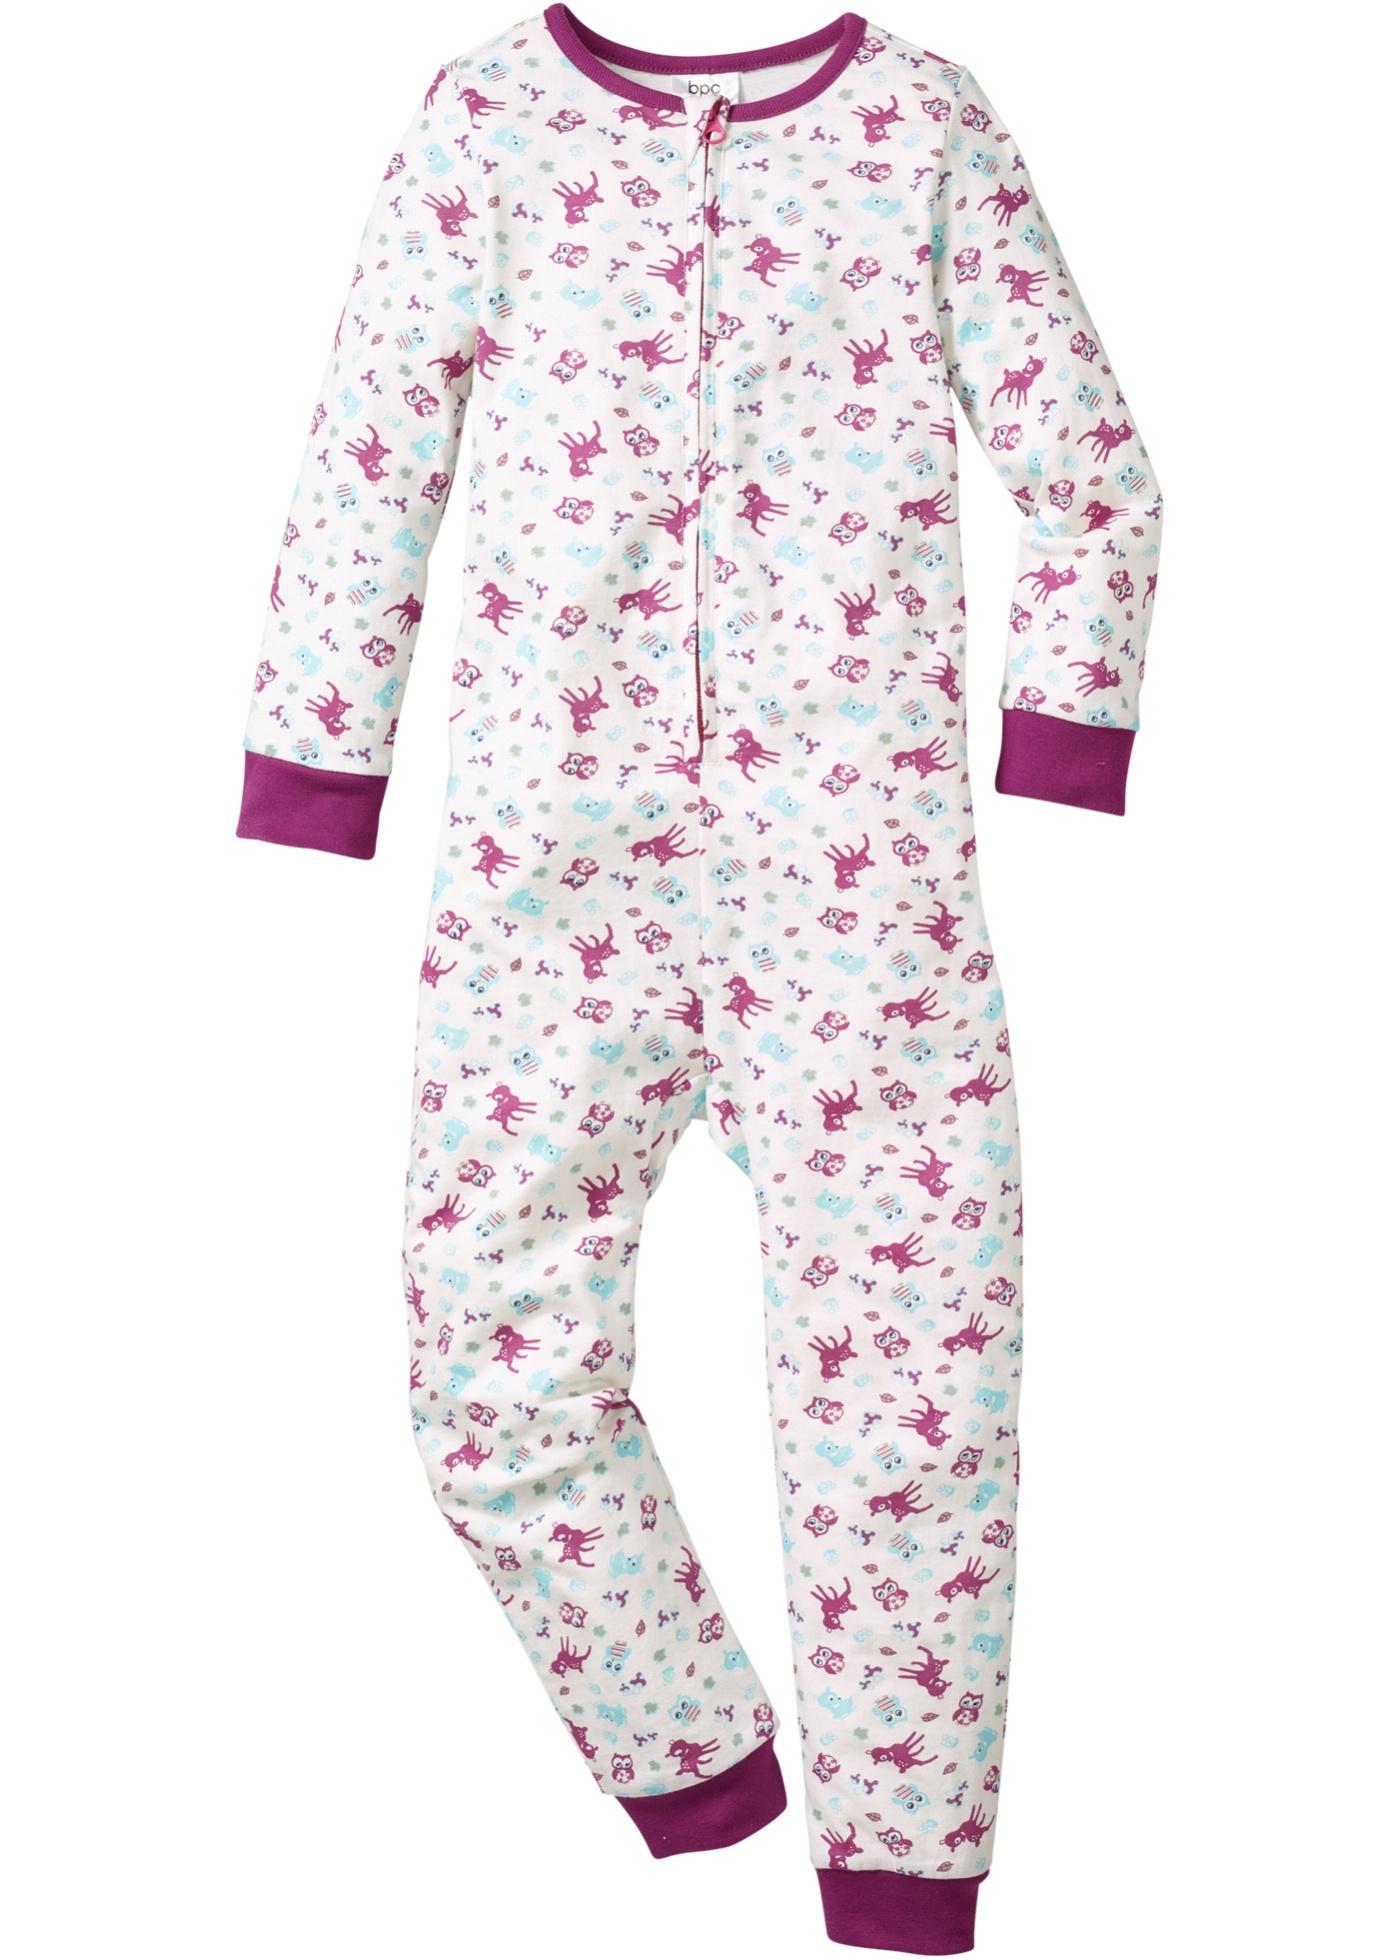 Babypyjamas, strl. 92/98-152/158